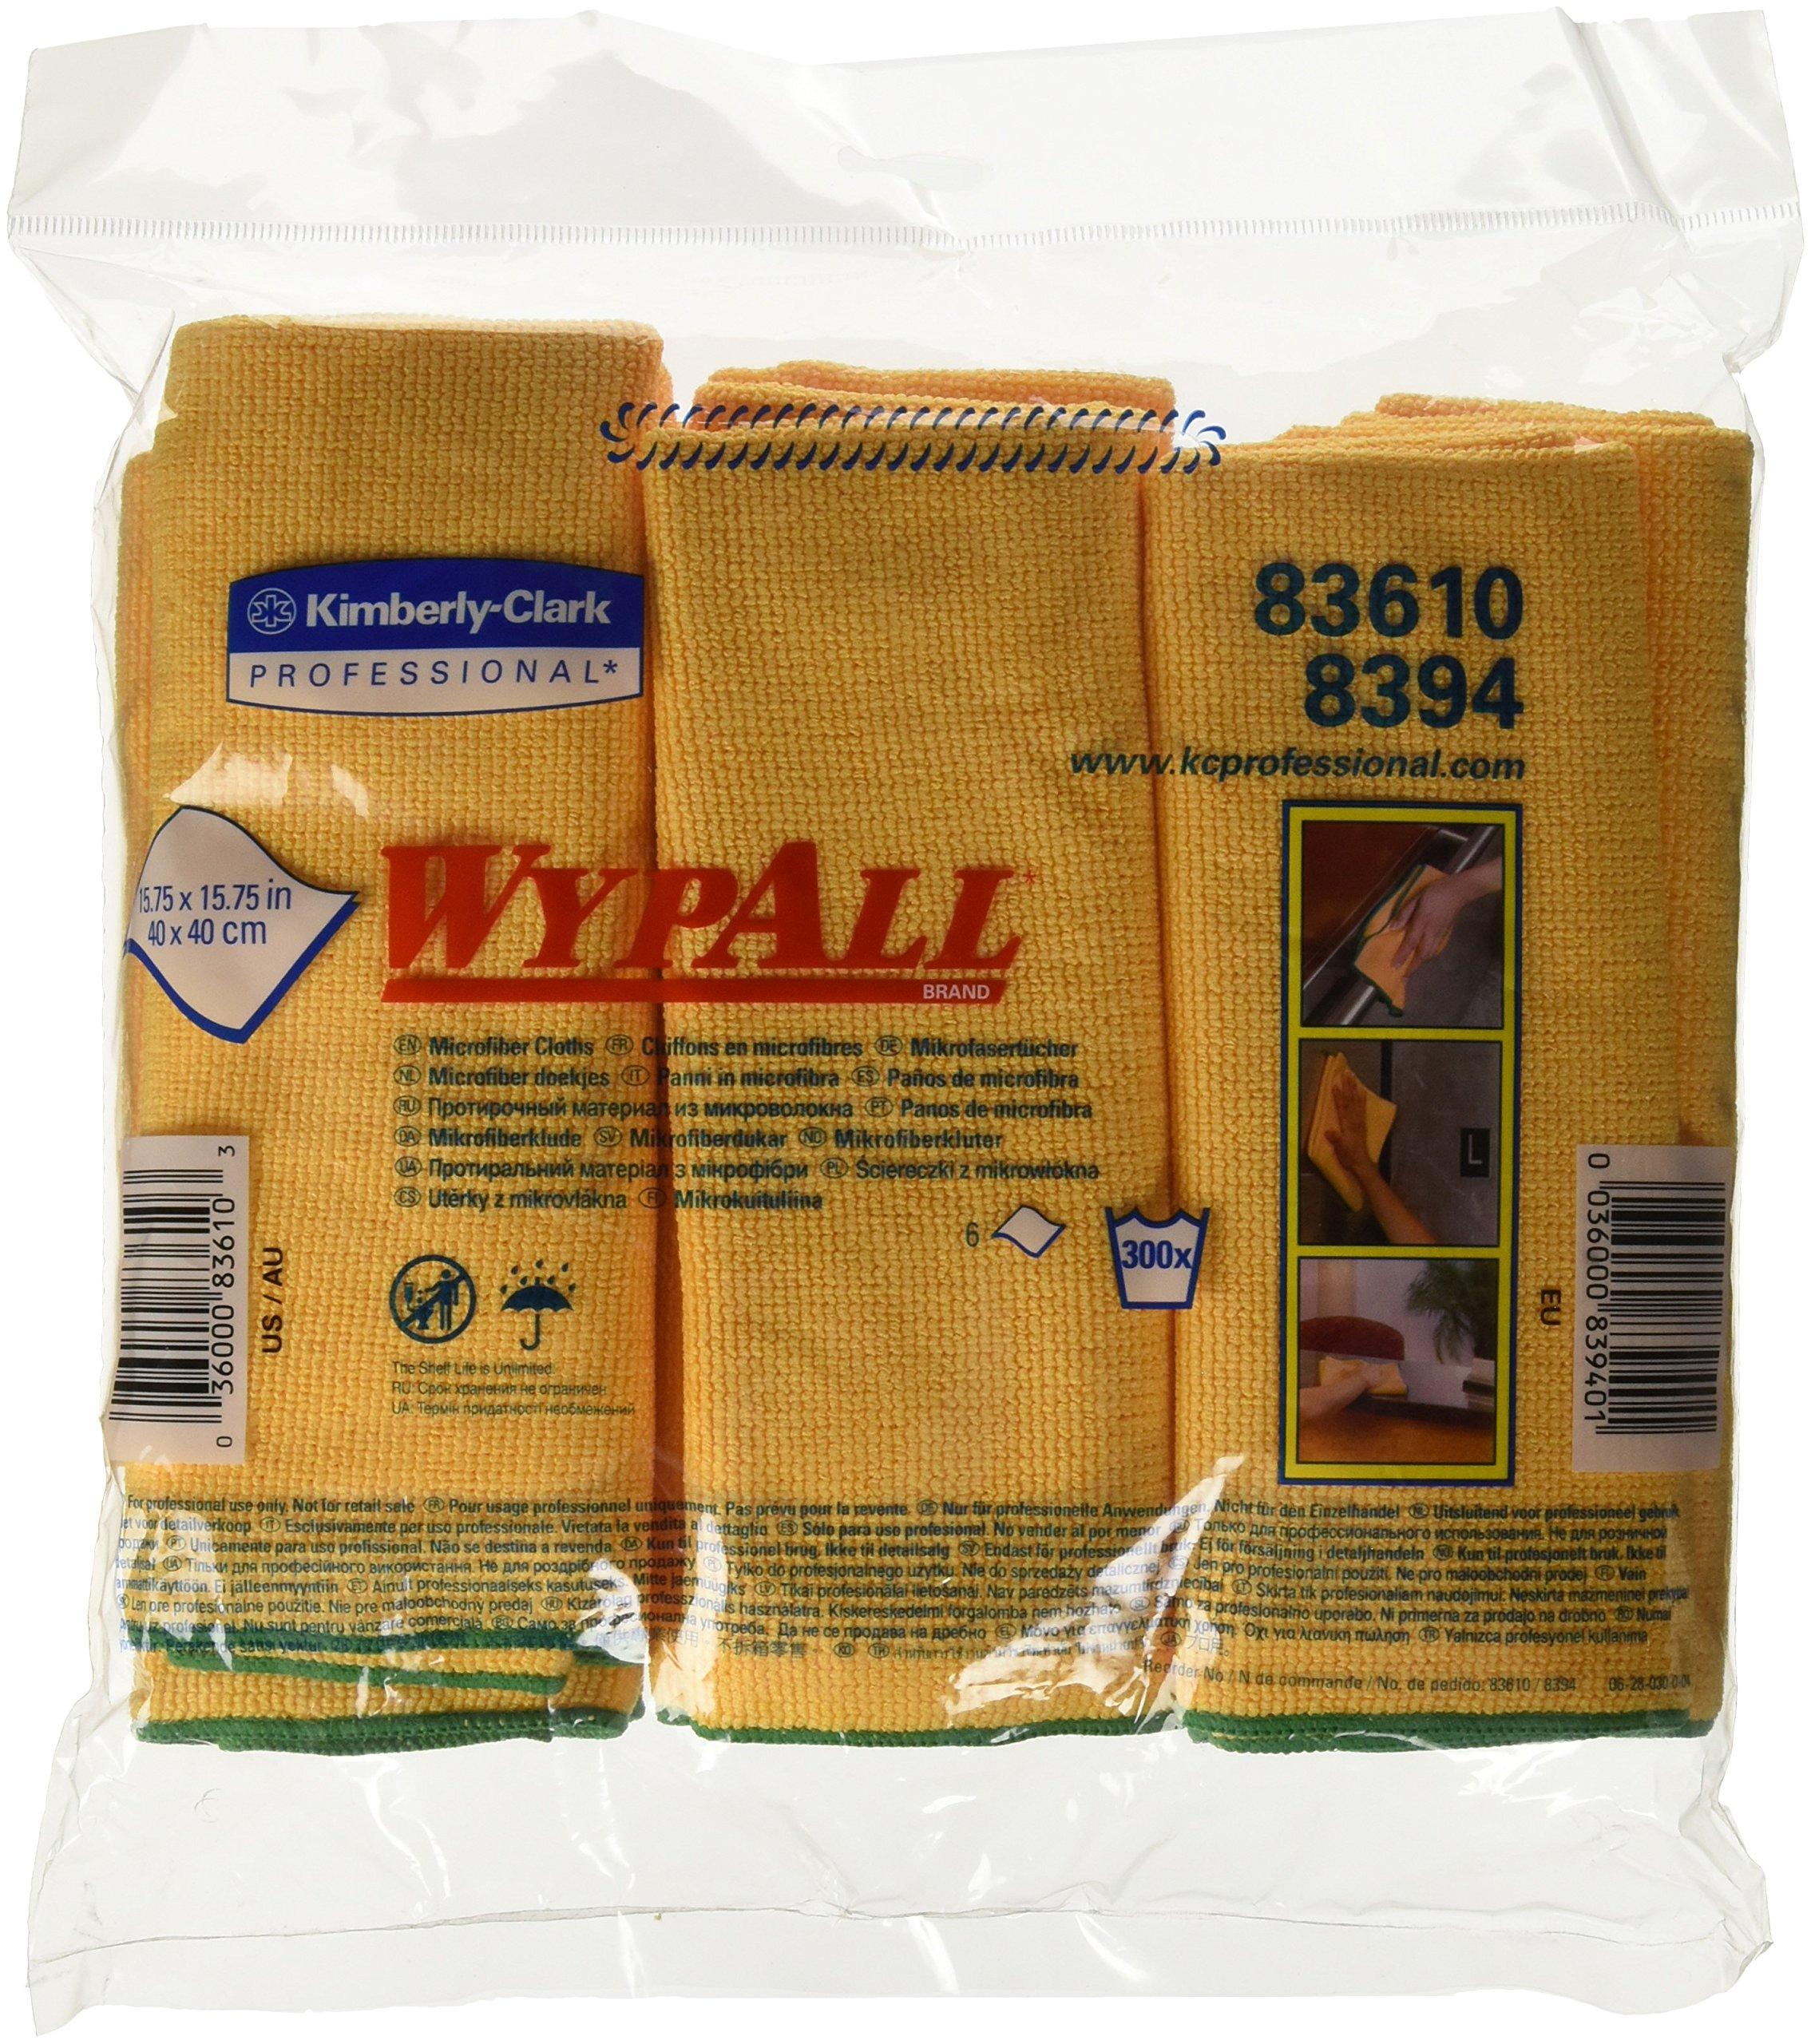 KIM83610 - KIMBERLY CLARK WYPALL Cloths w/Microban by Kimberly-Clark (Image #3)